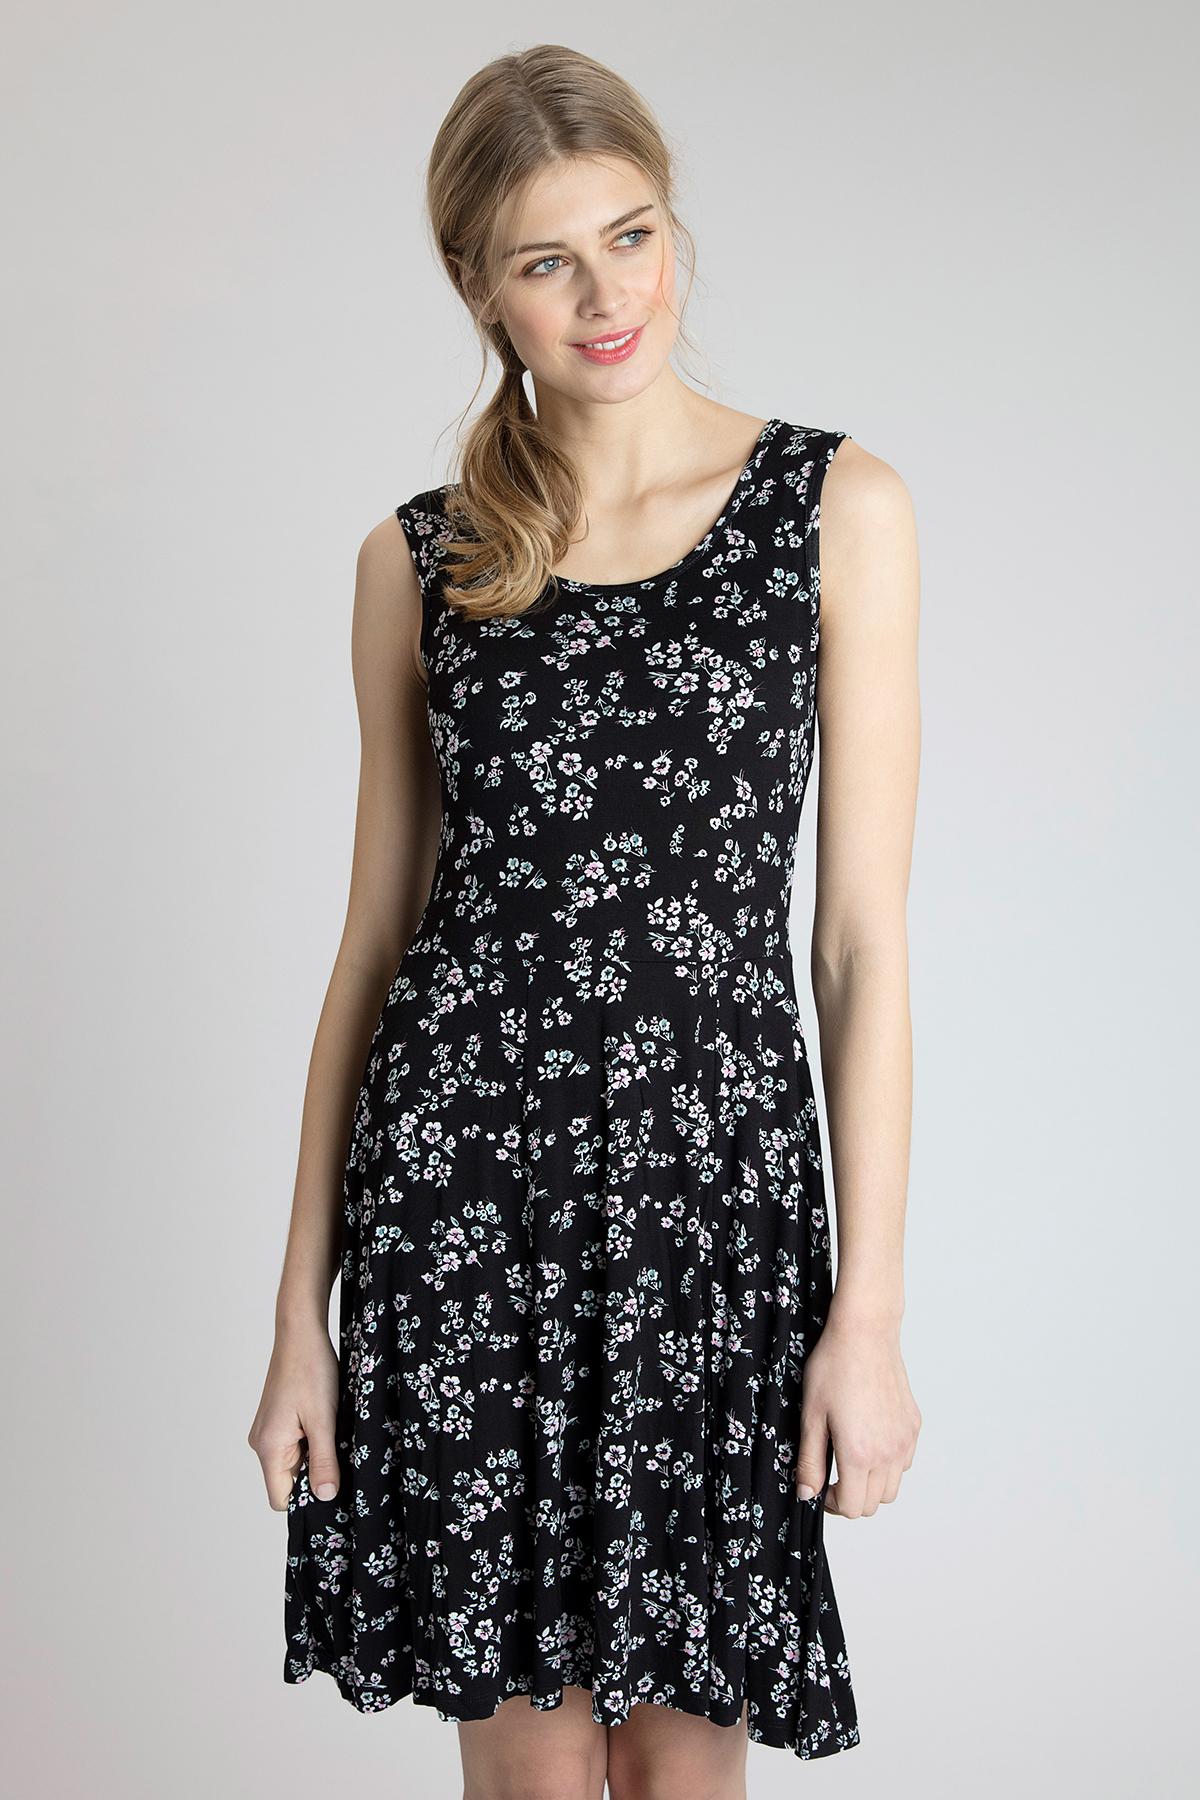 Schwarz/wollweiß Kleid von Fransa – Shoppen Sie Schwarz/wollweiß Kleid ab Gr. XS-XXL hier